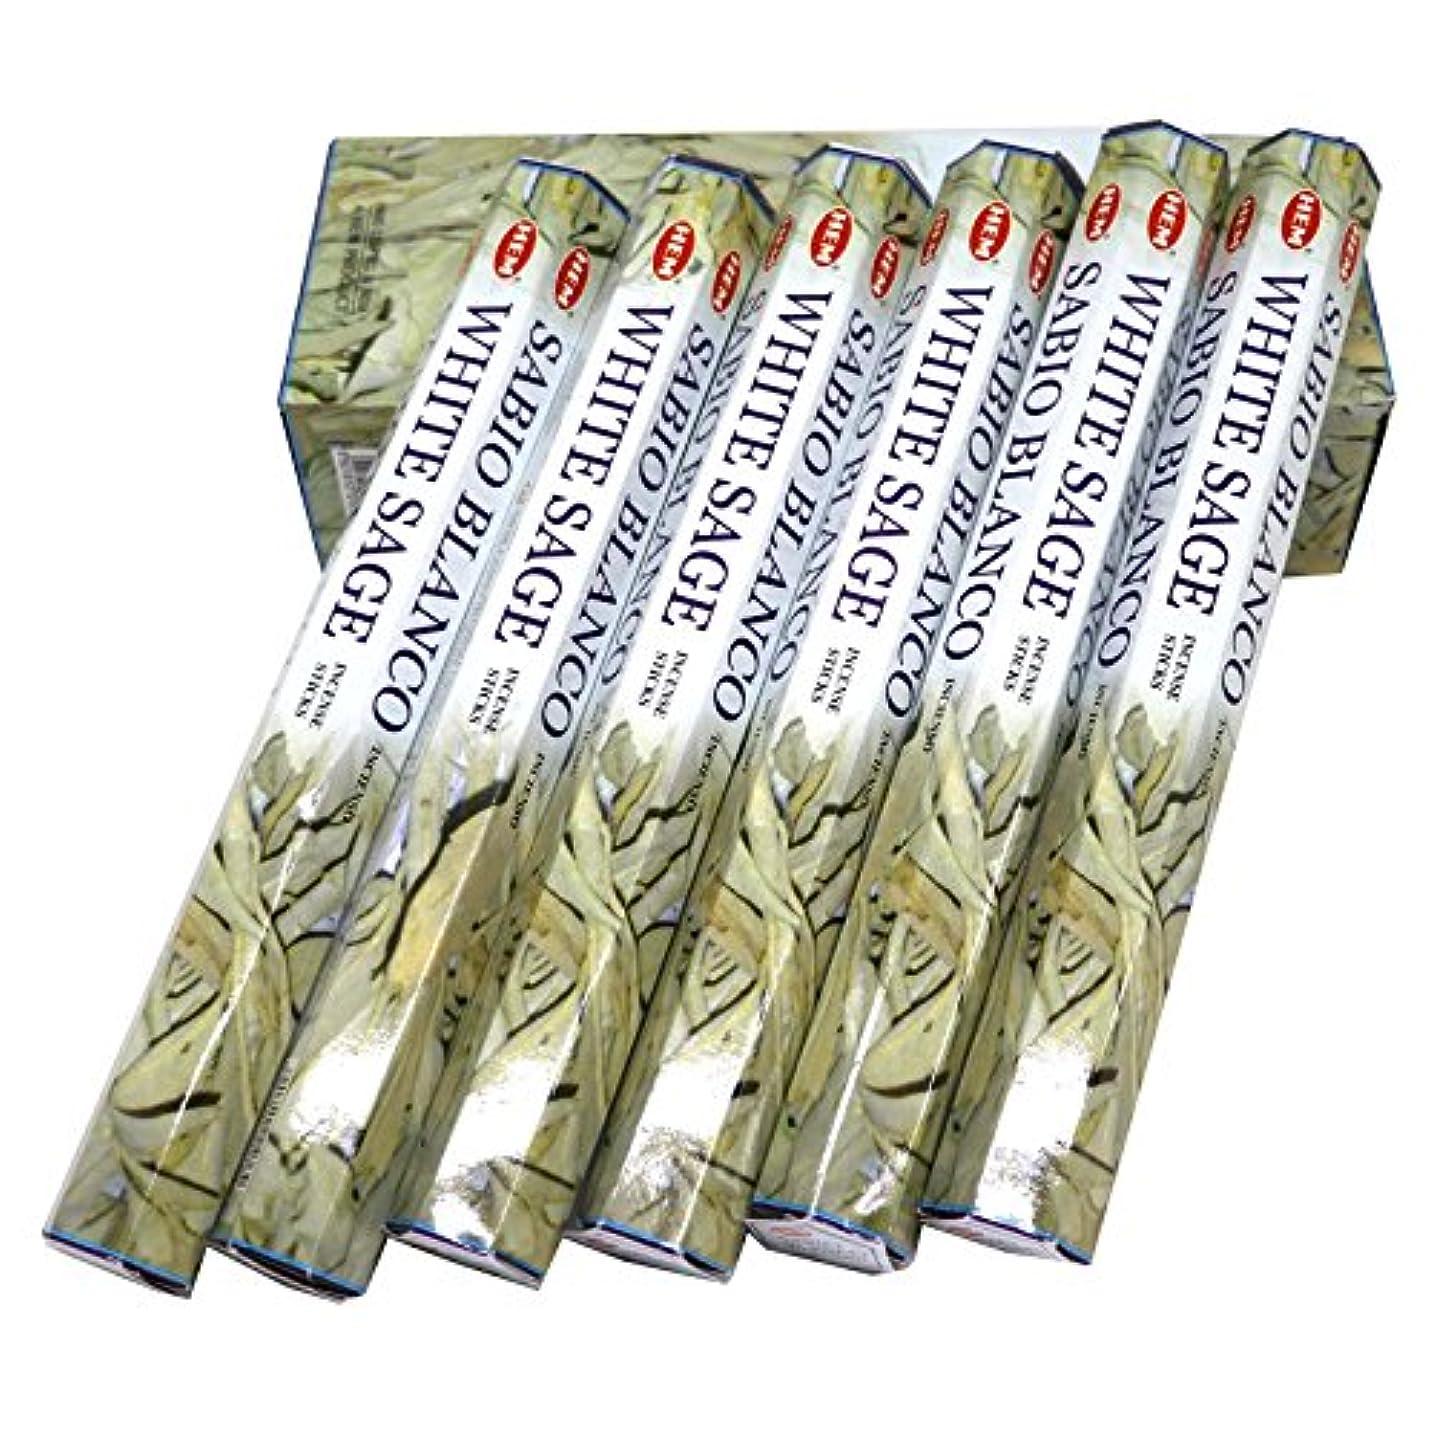 マークダウンホテル不適HEM社 インド製 ステックタイプ香 1箱20本入 (ホワイトセージ)